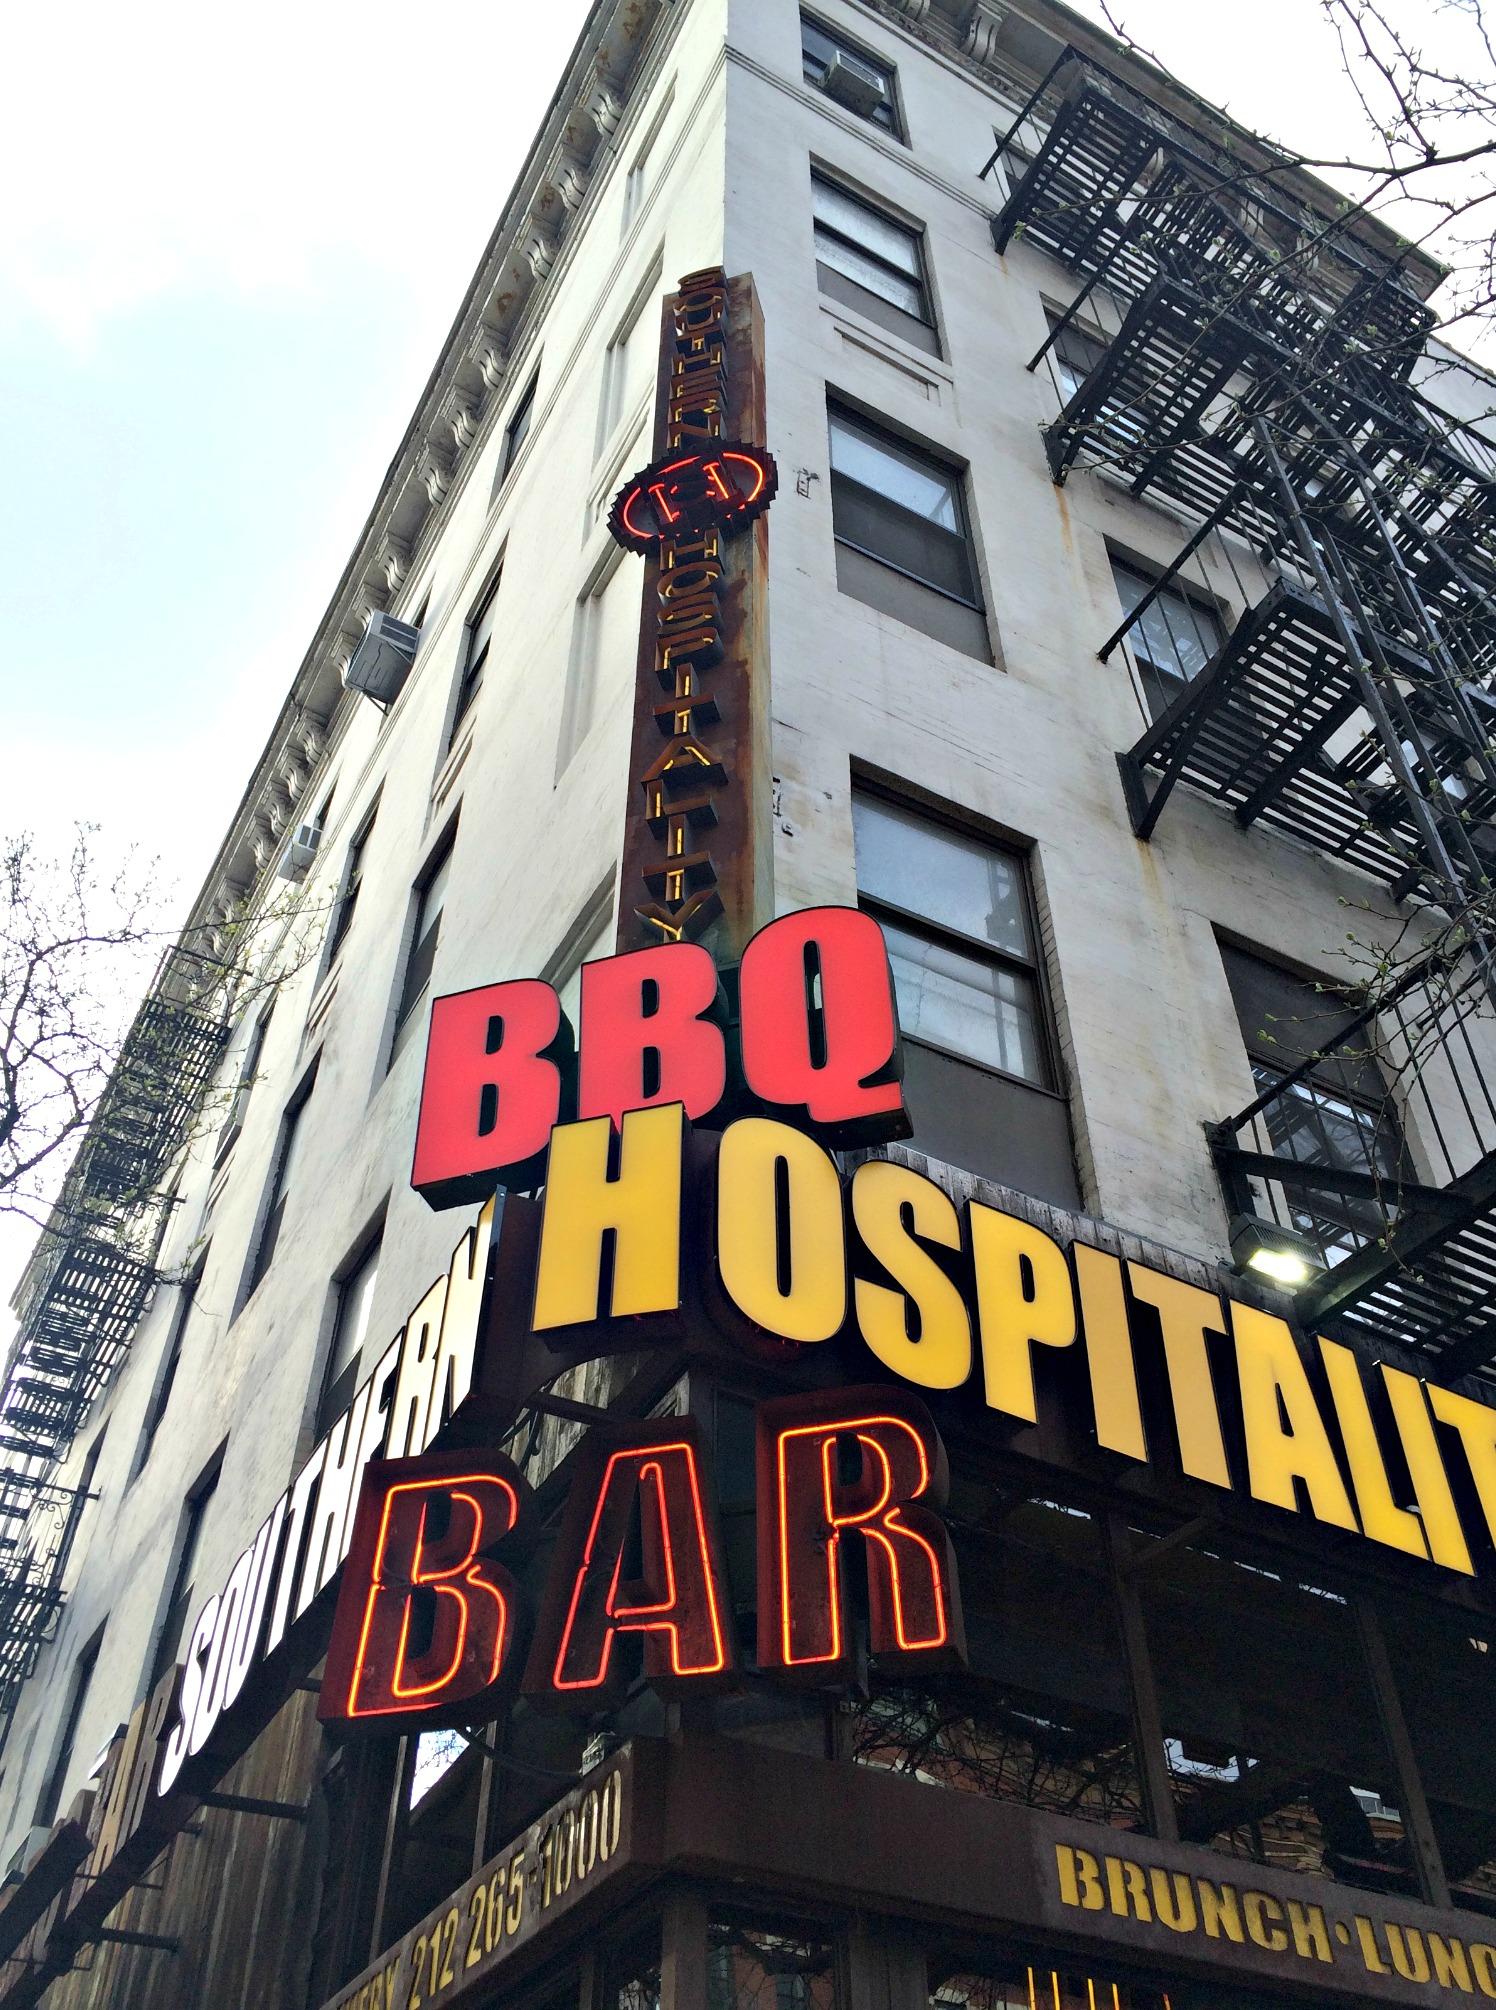 southern hospitality bbq hospitality bar